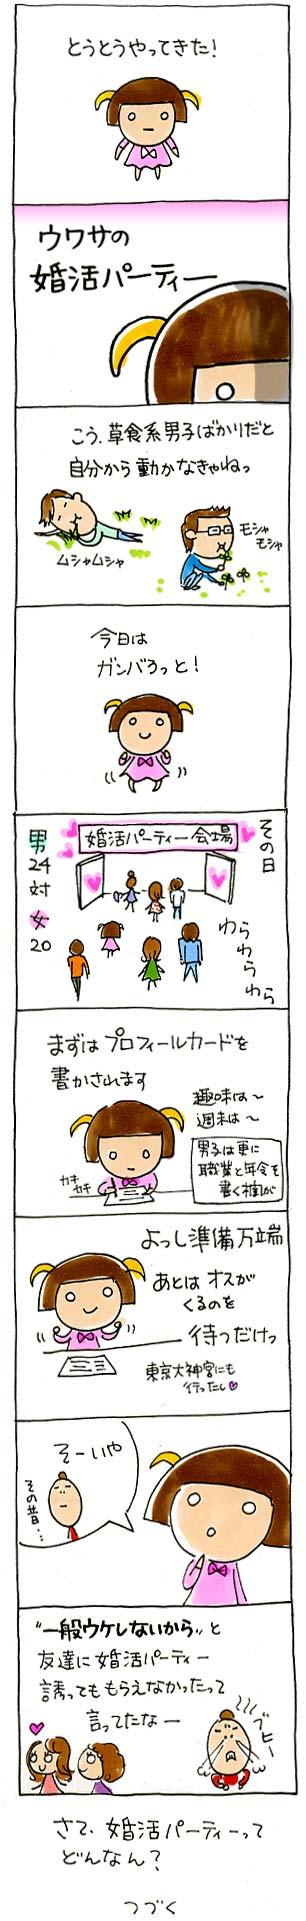 婚活パーティー1